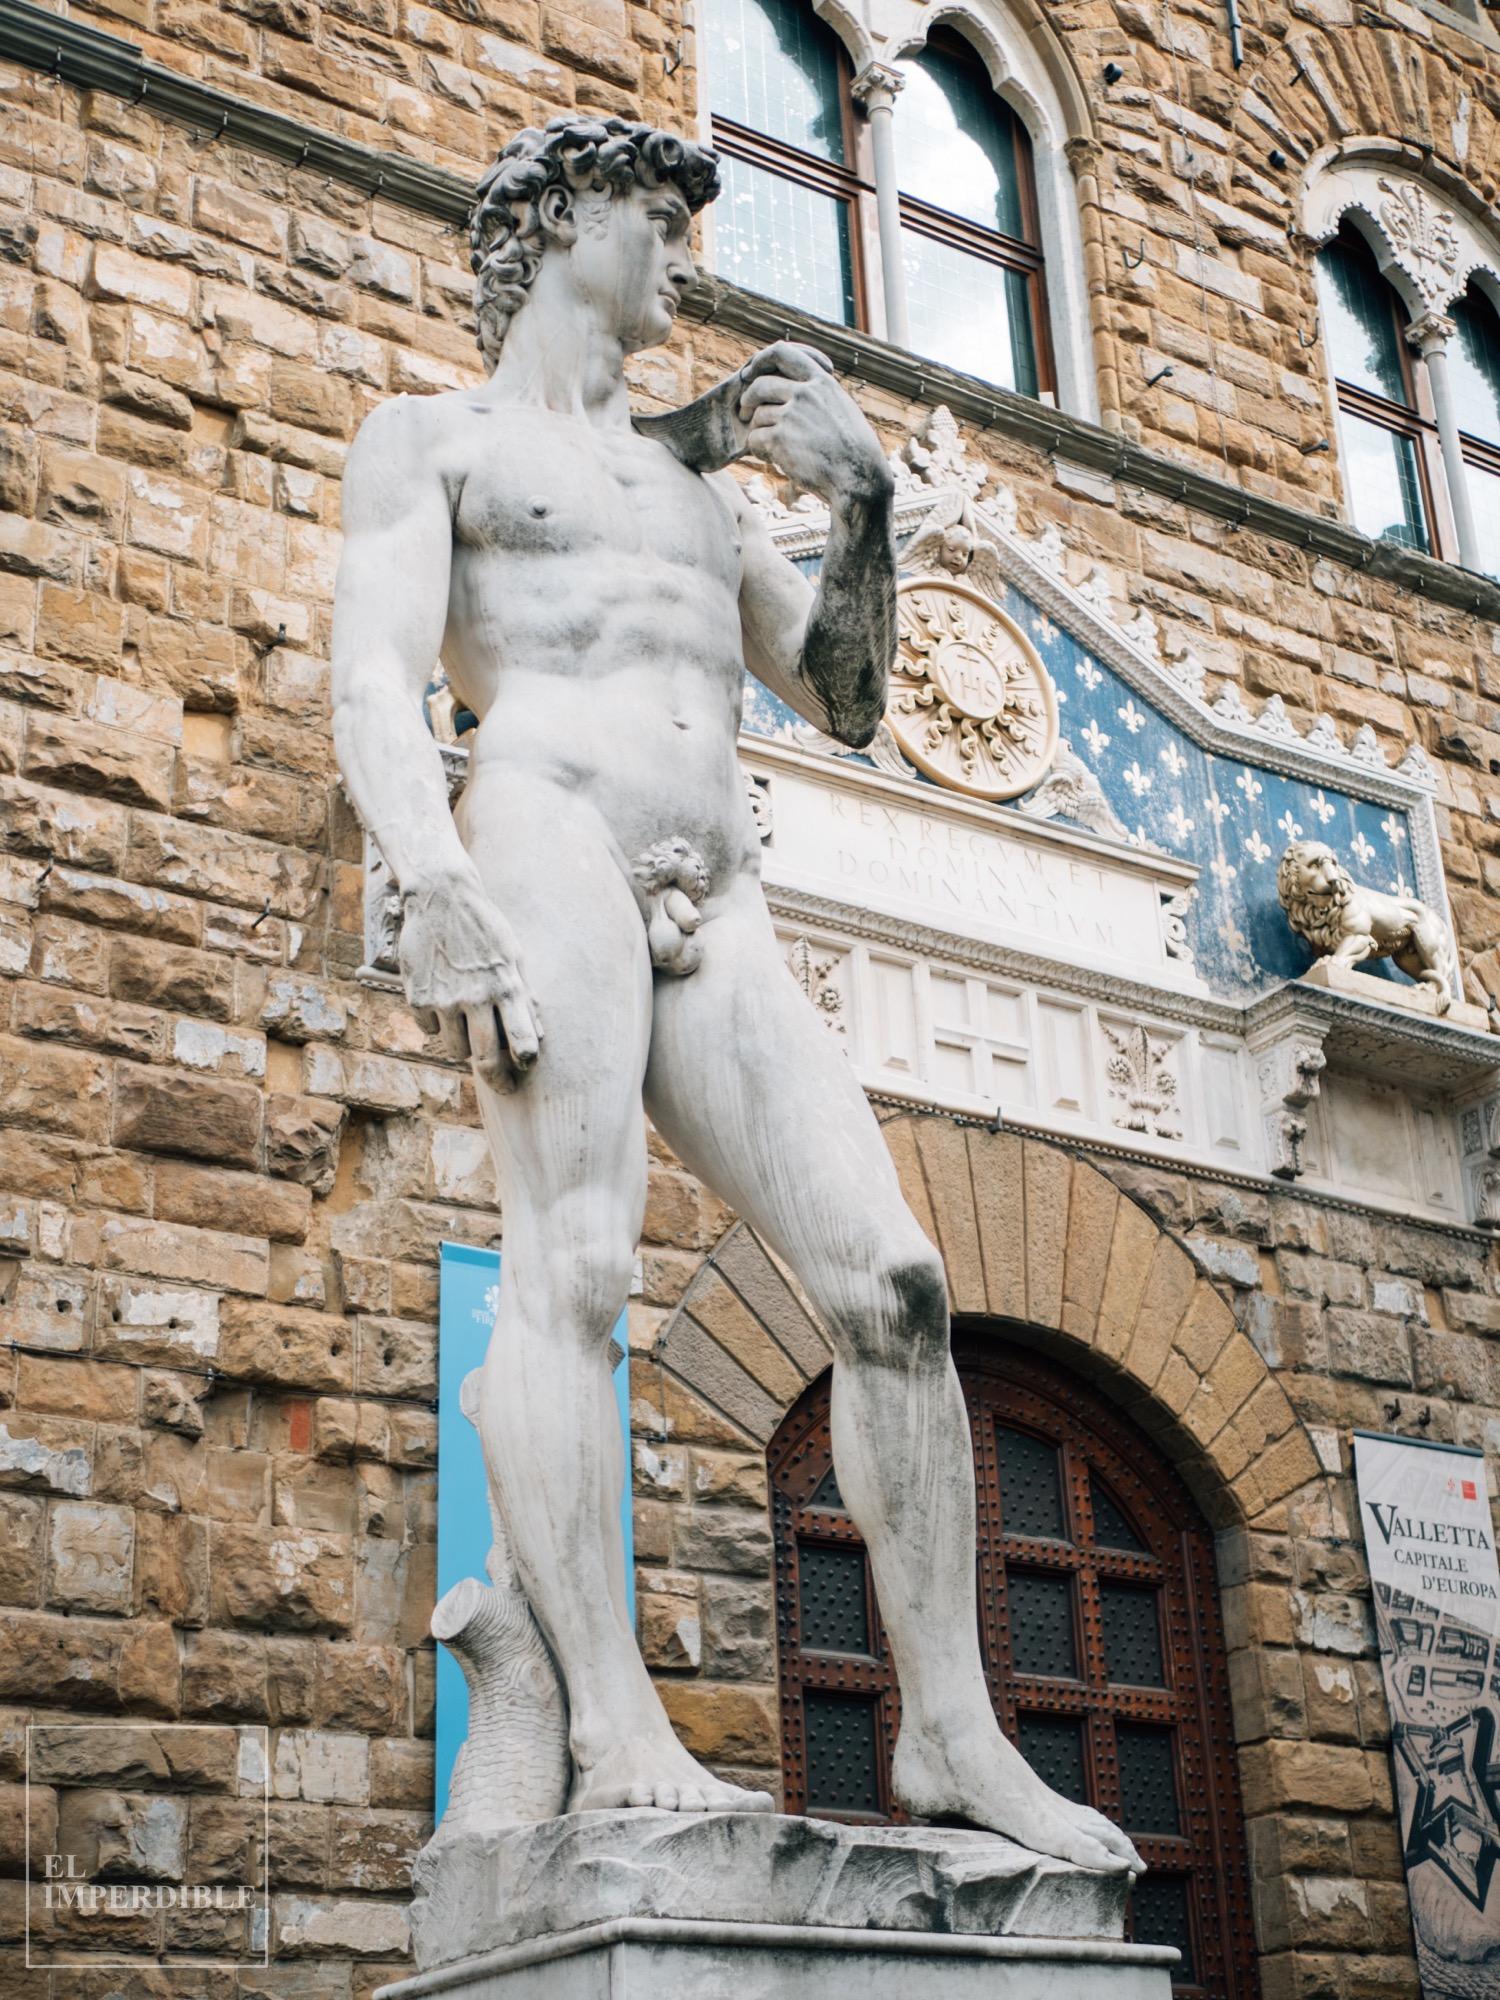 Lugares que ver en Florencia Galeria degli Uffizi David Miguel Ángel